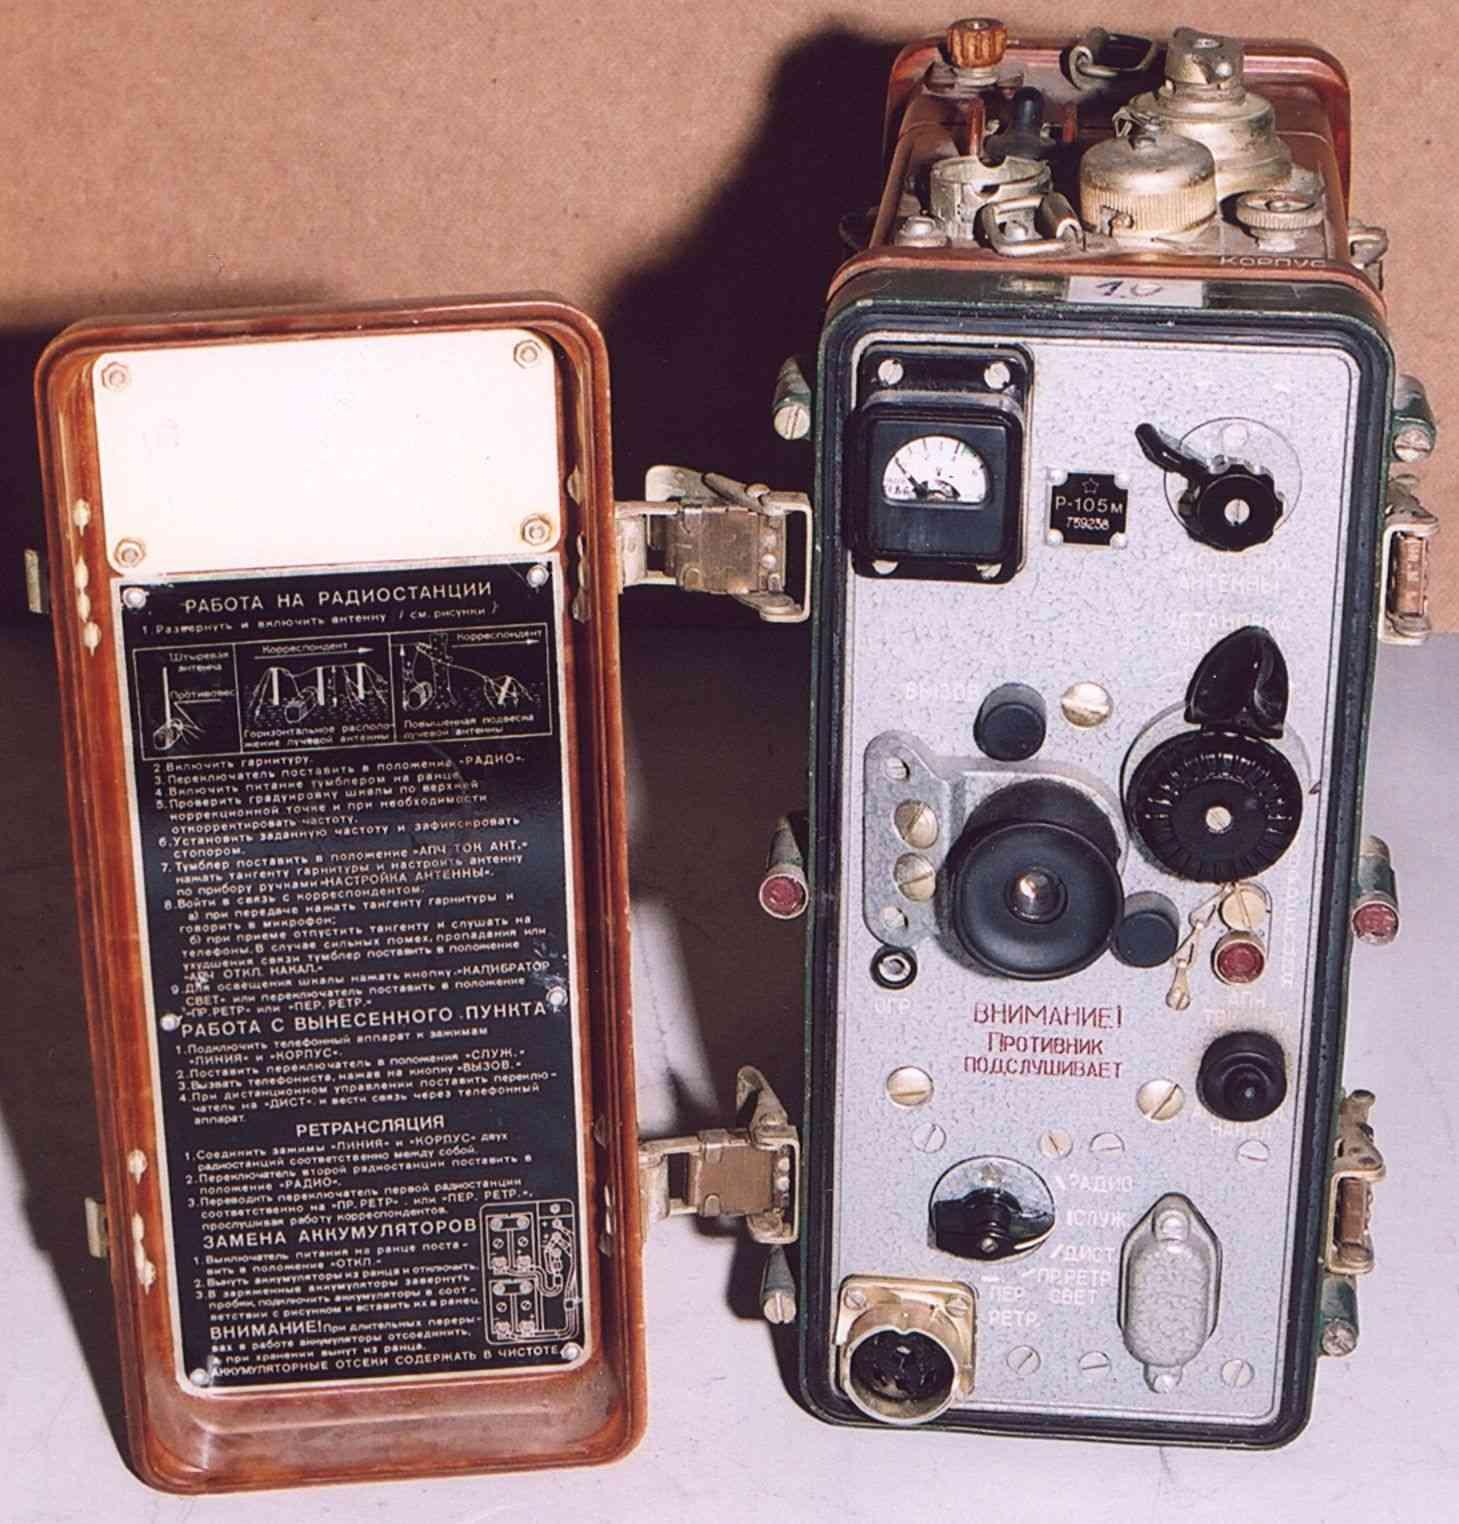 Когда СВ были недоступны - и Р-105 устраивала.